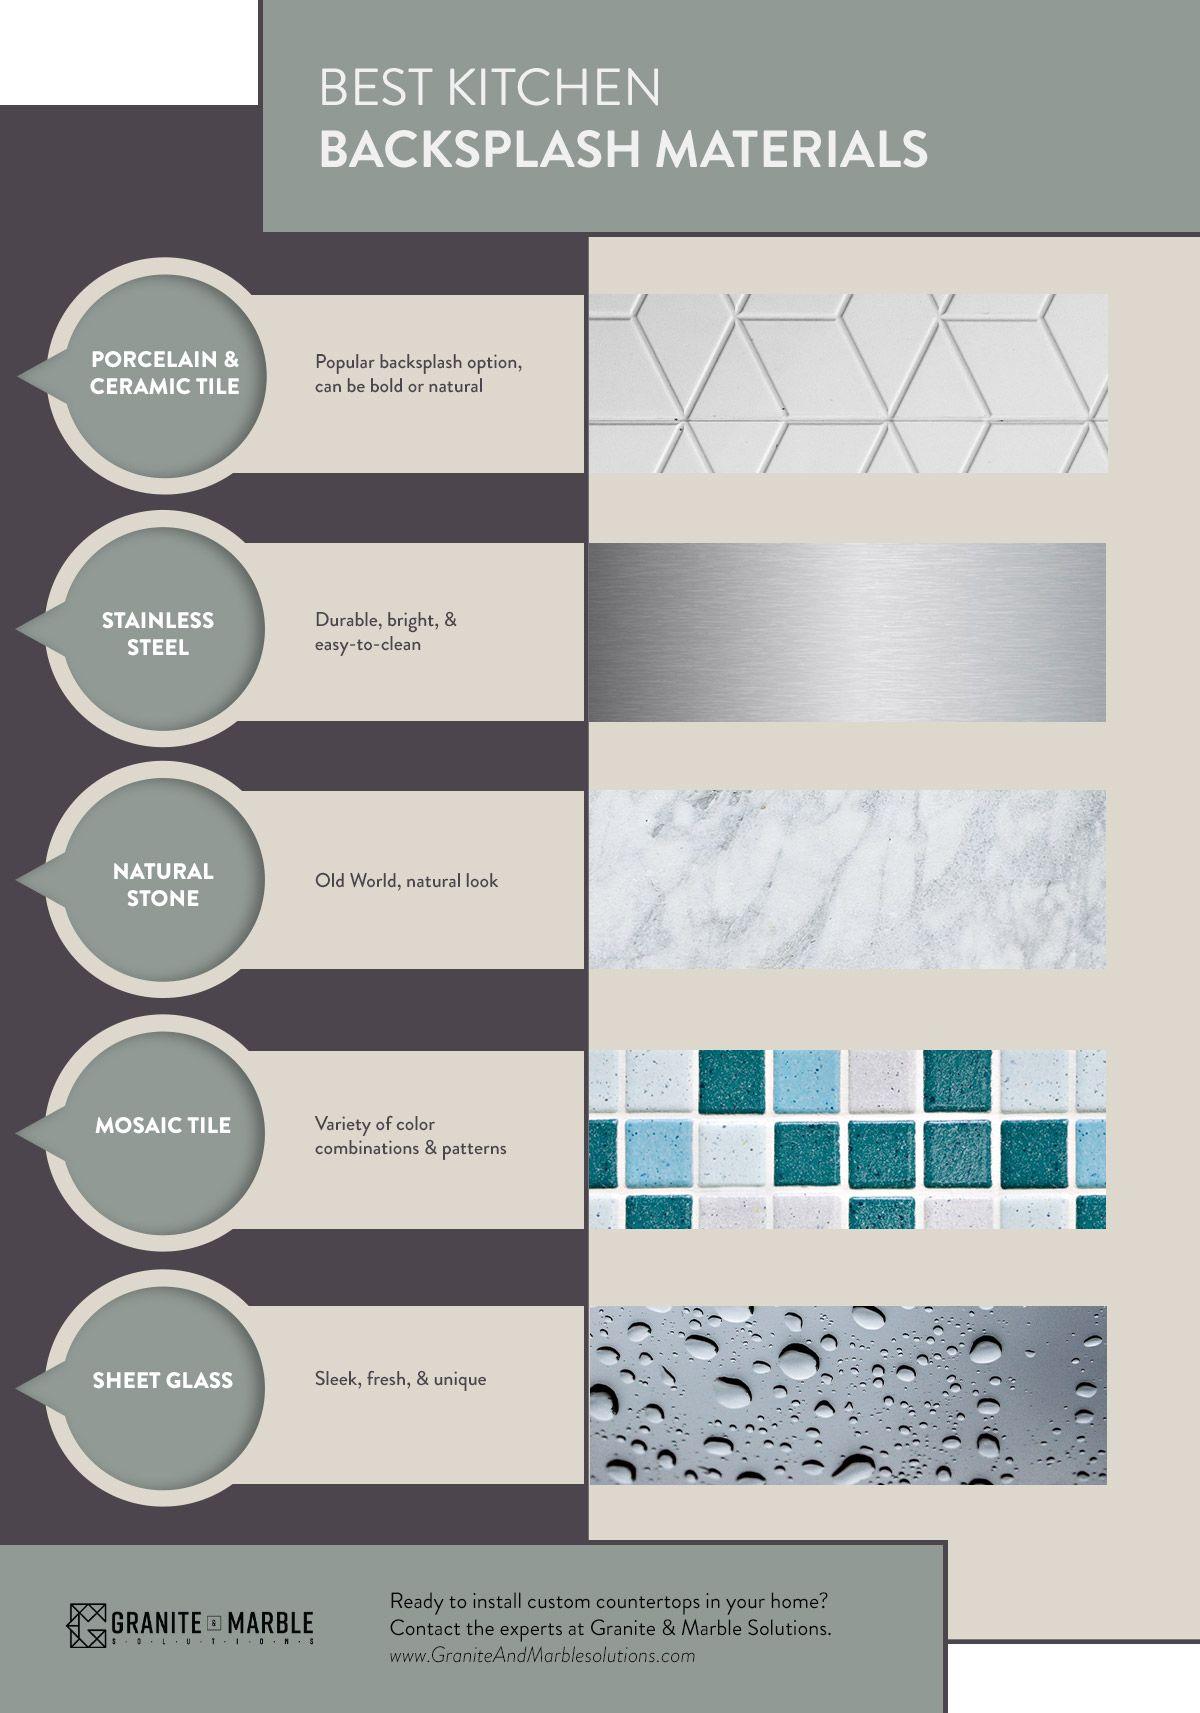 Best Kitchen Backsplash Materials.jpg